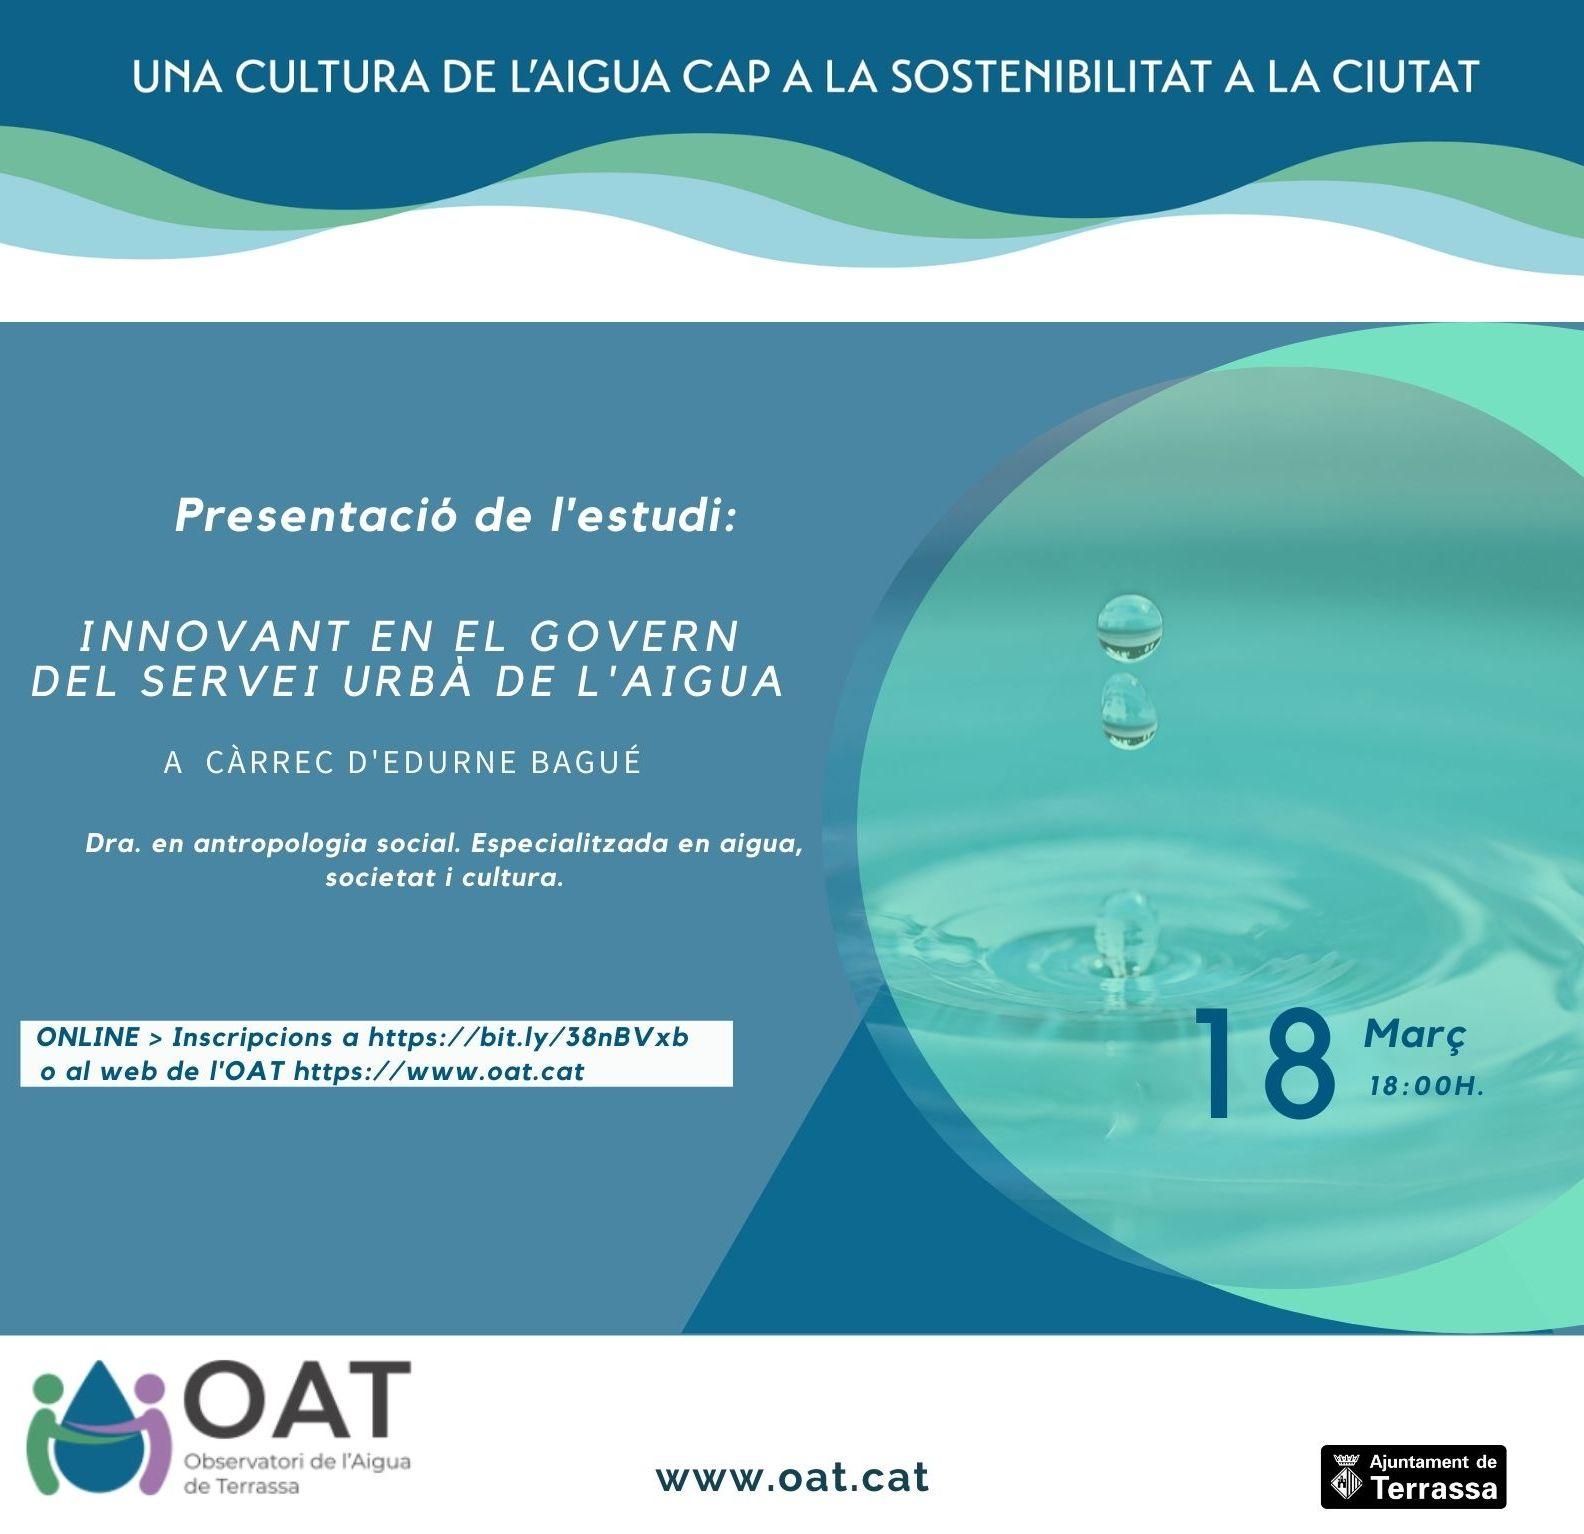 Presentación de resultados de las acciones formativas de los Espacios de Aprendizaje del OAT